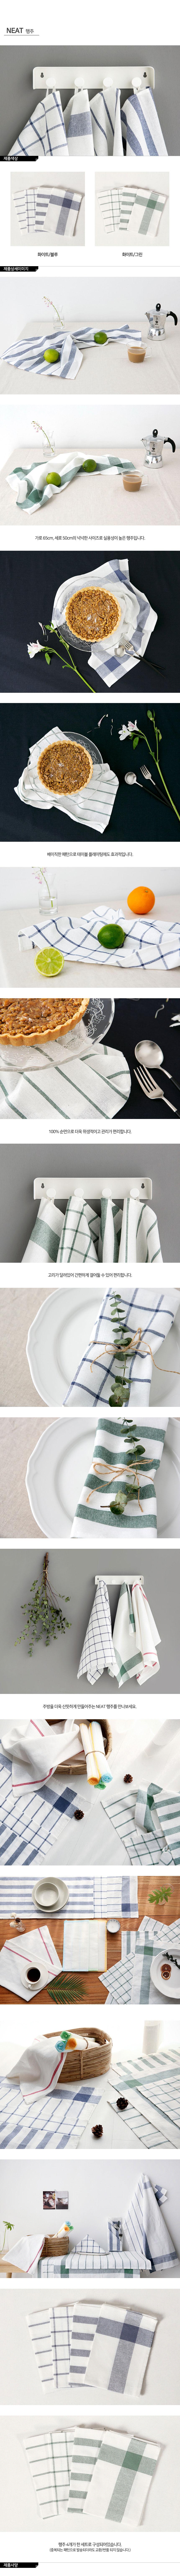 neat_towel-1.jpg